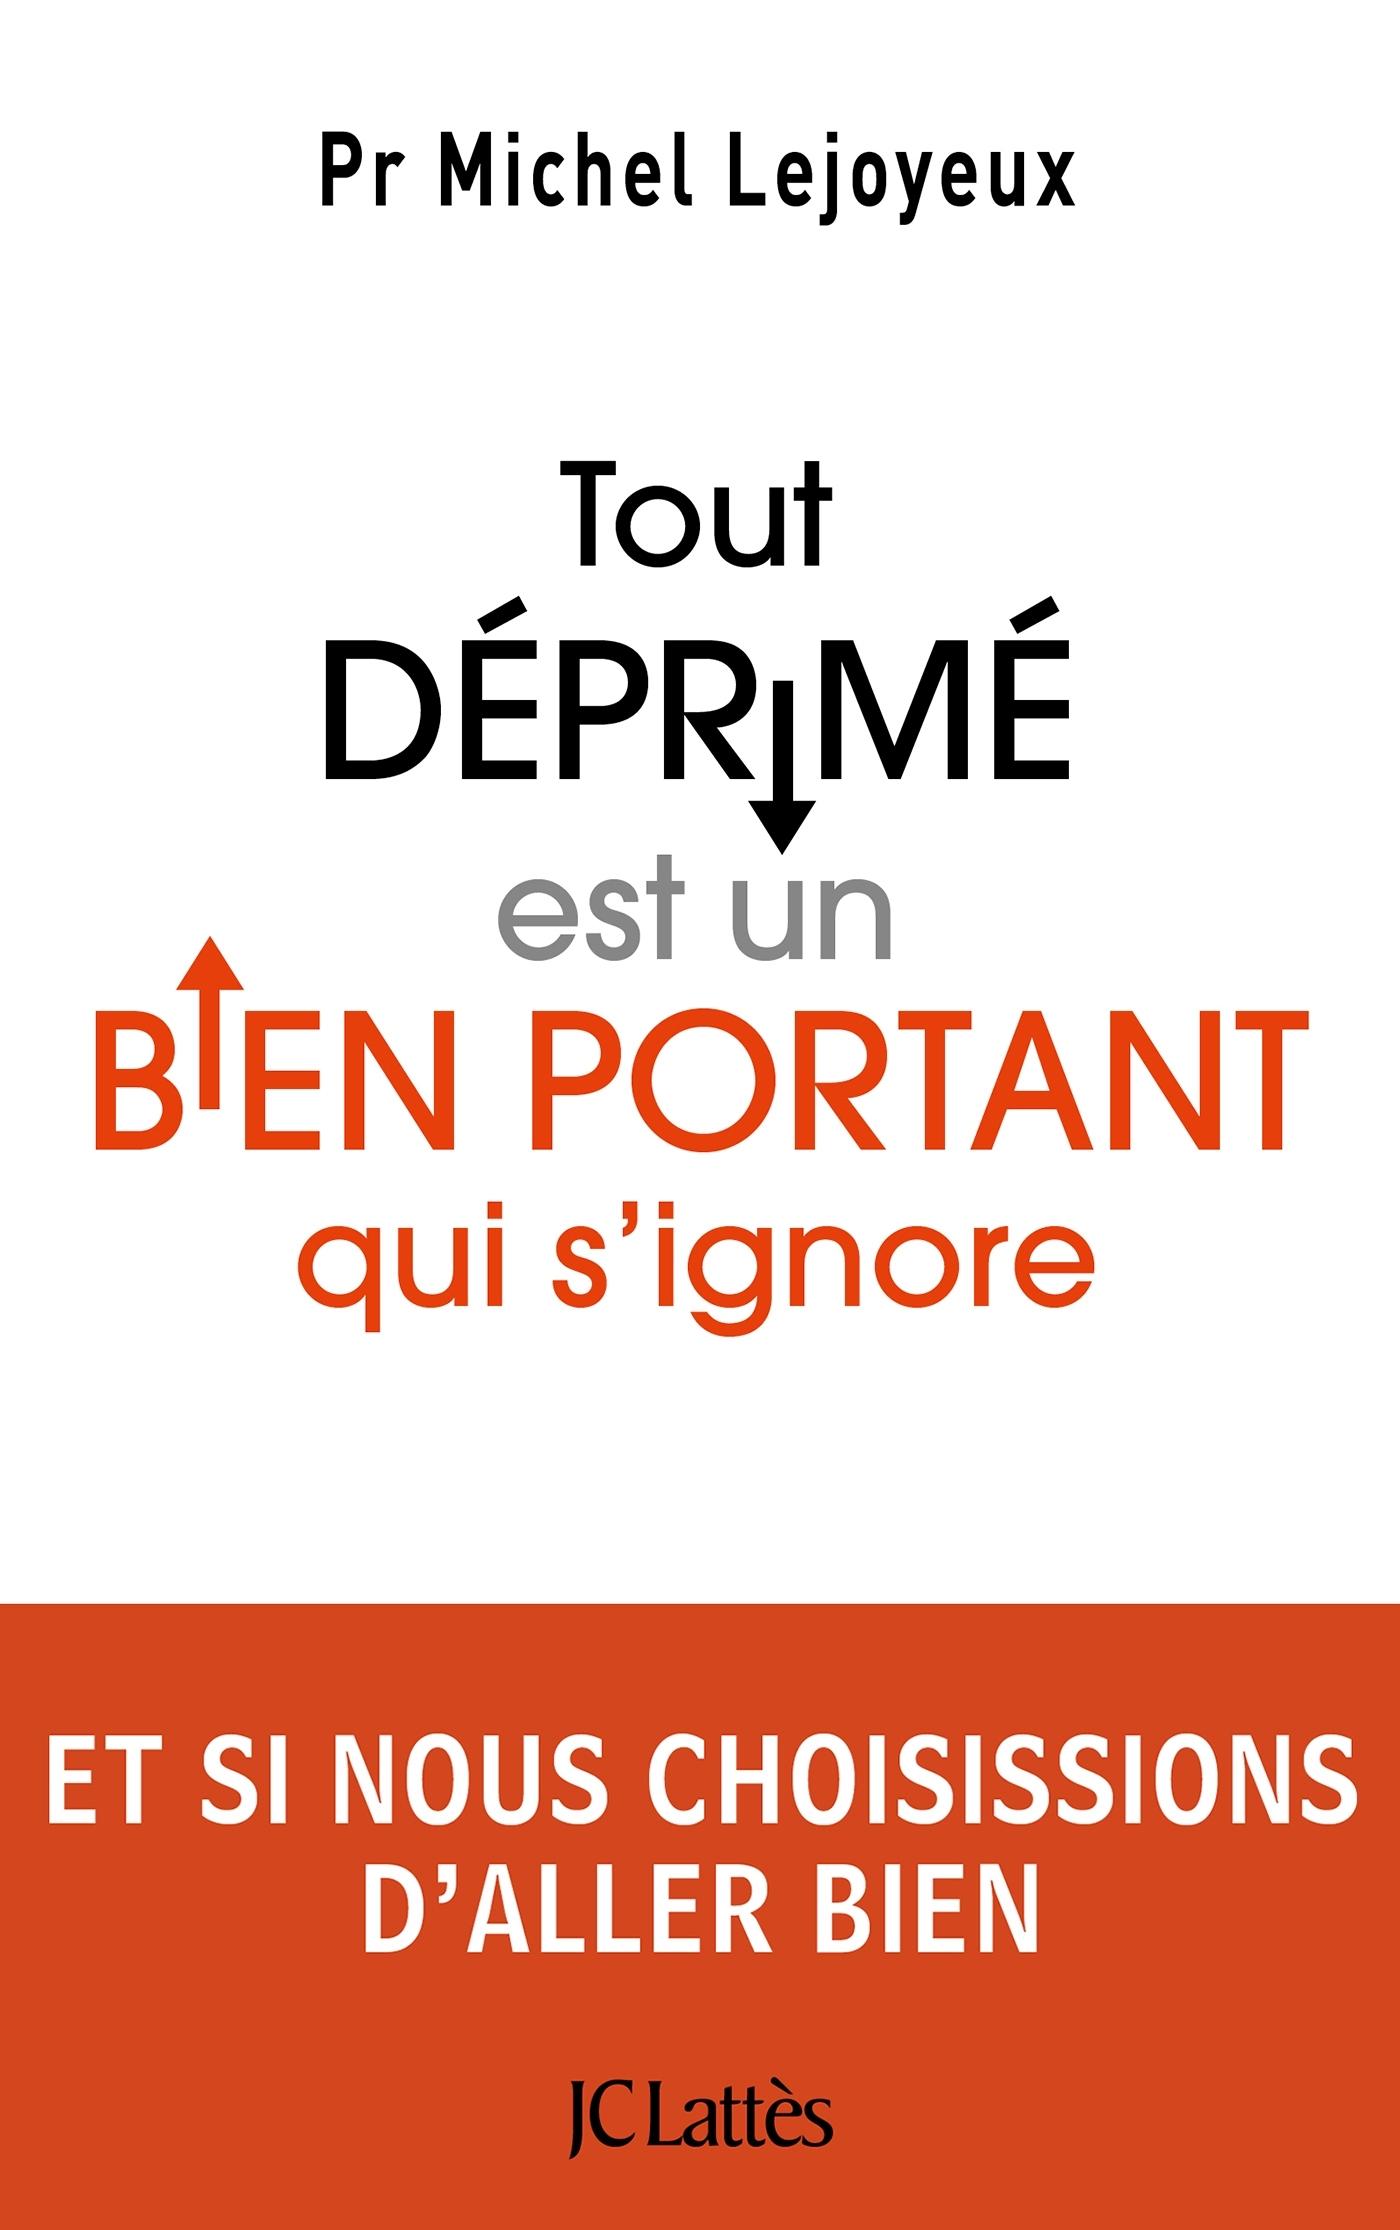 Michel Lejoyeux, éditions JC Lattès